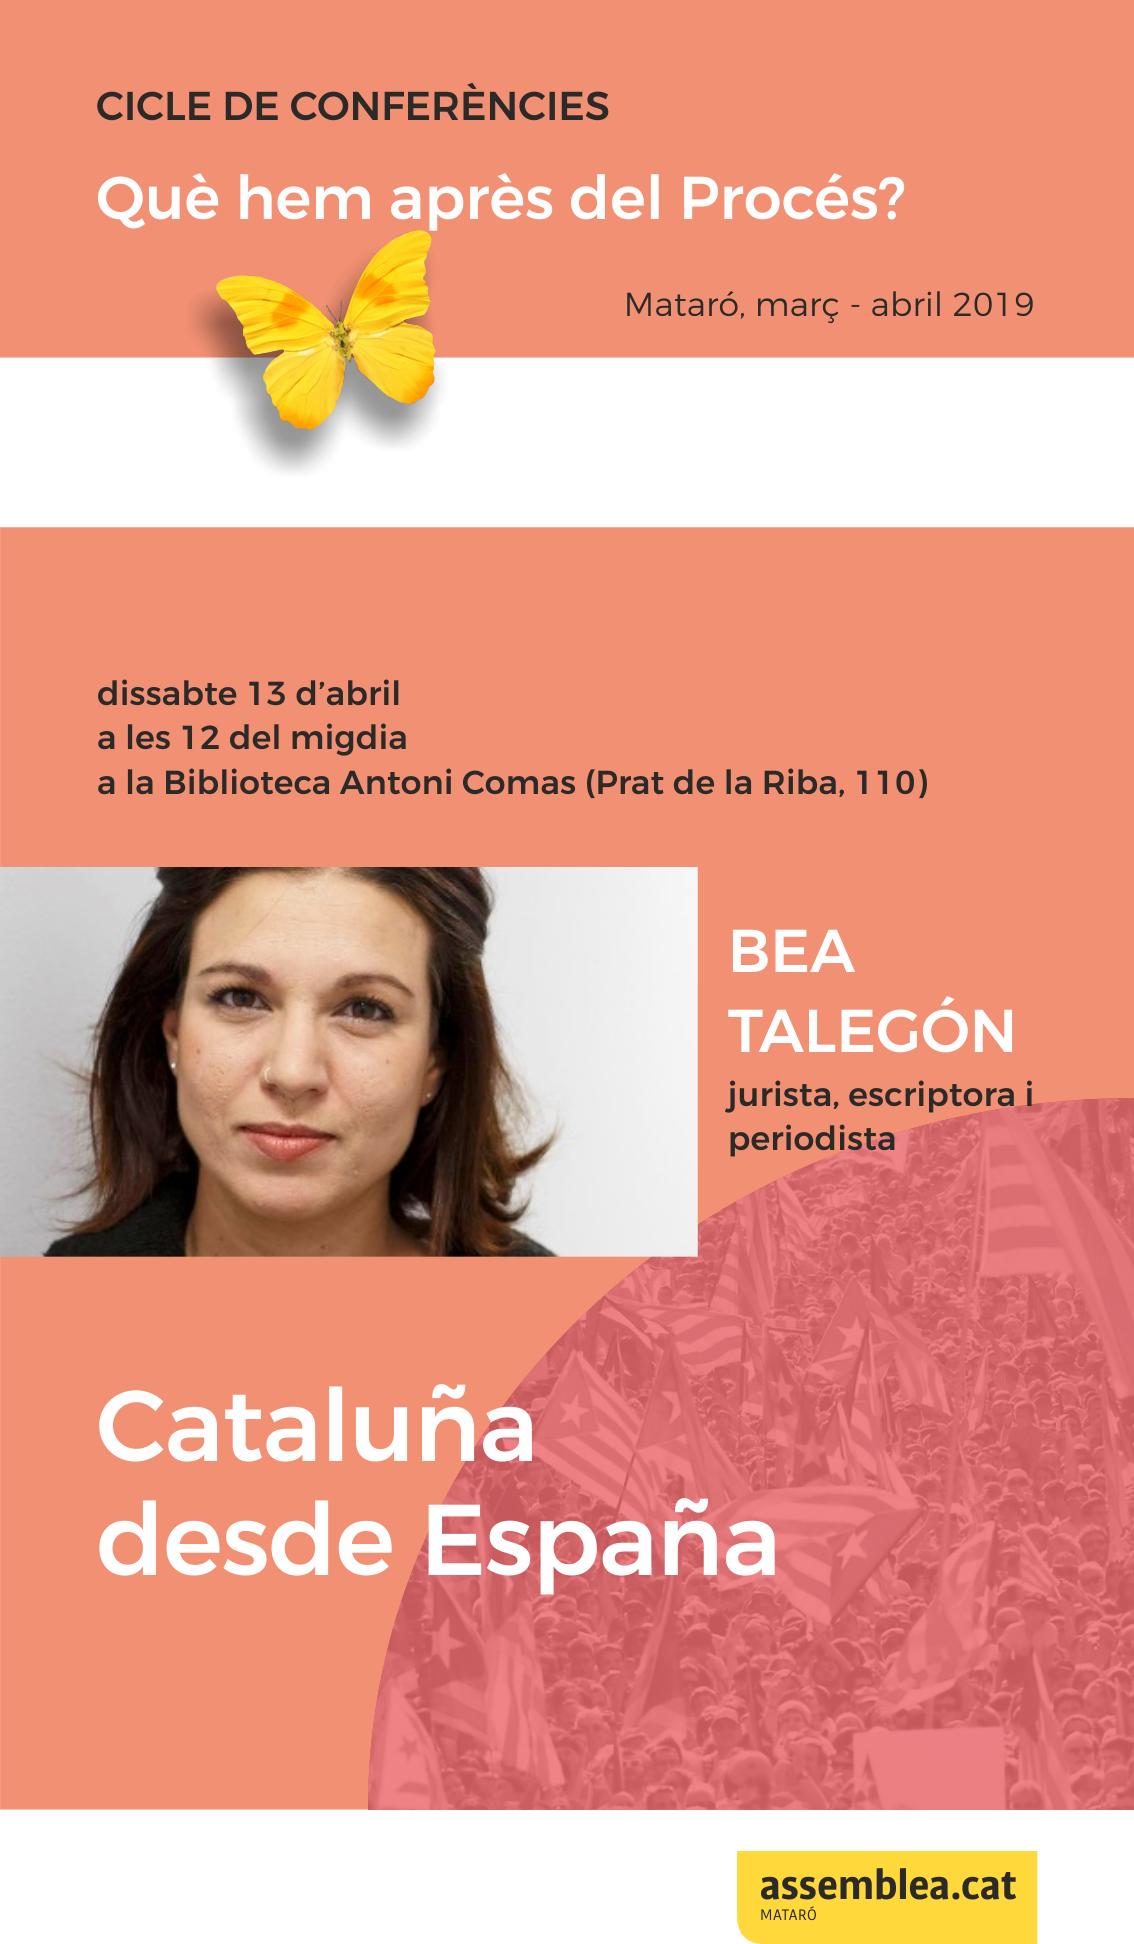 """Conferència a càrrec de Bea Talegón: """"Cataluña desde España"""""""